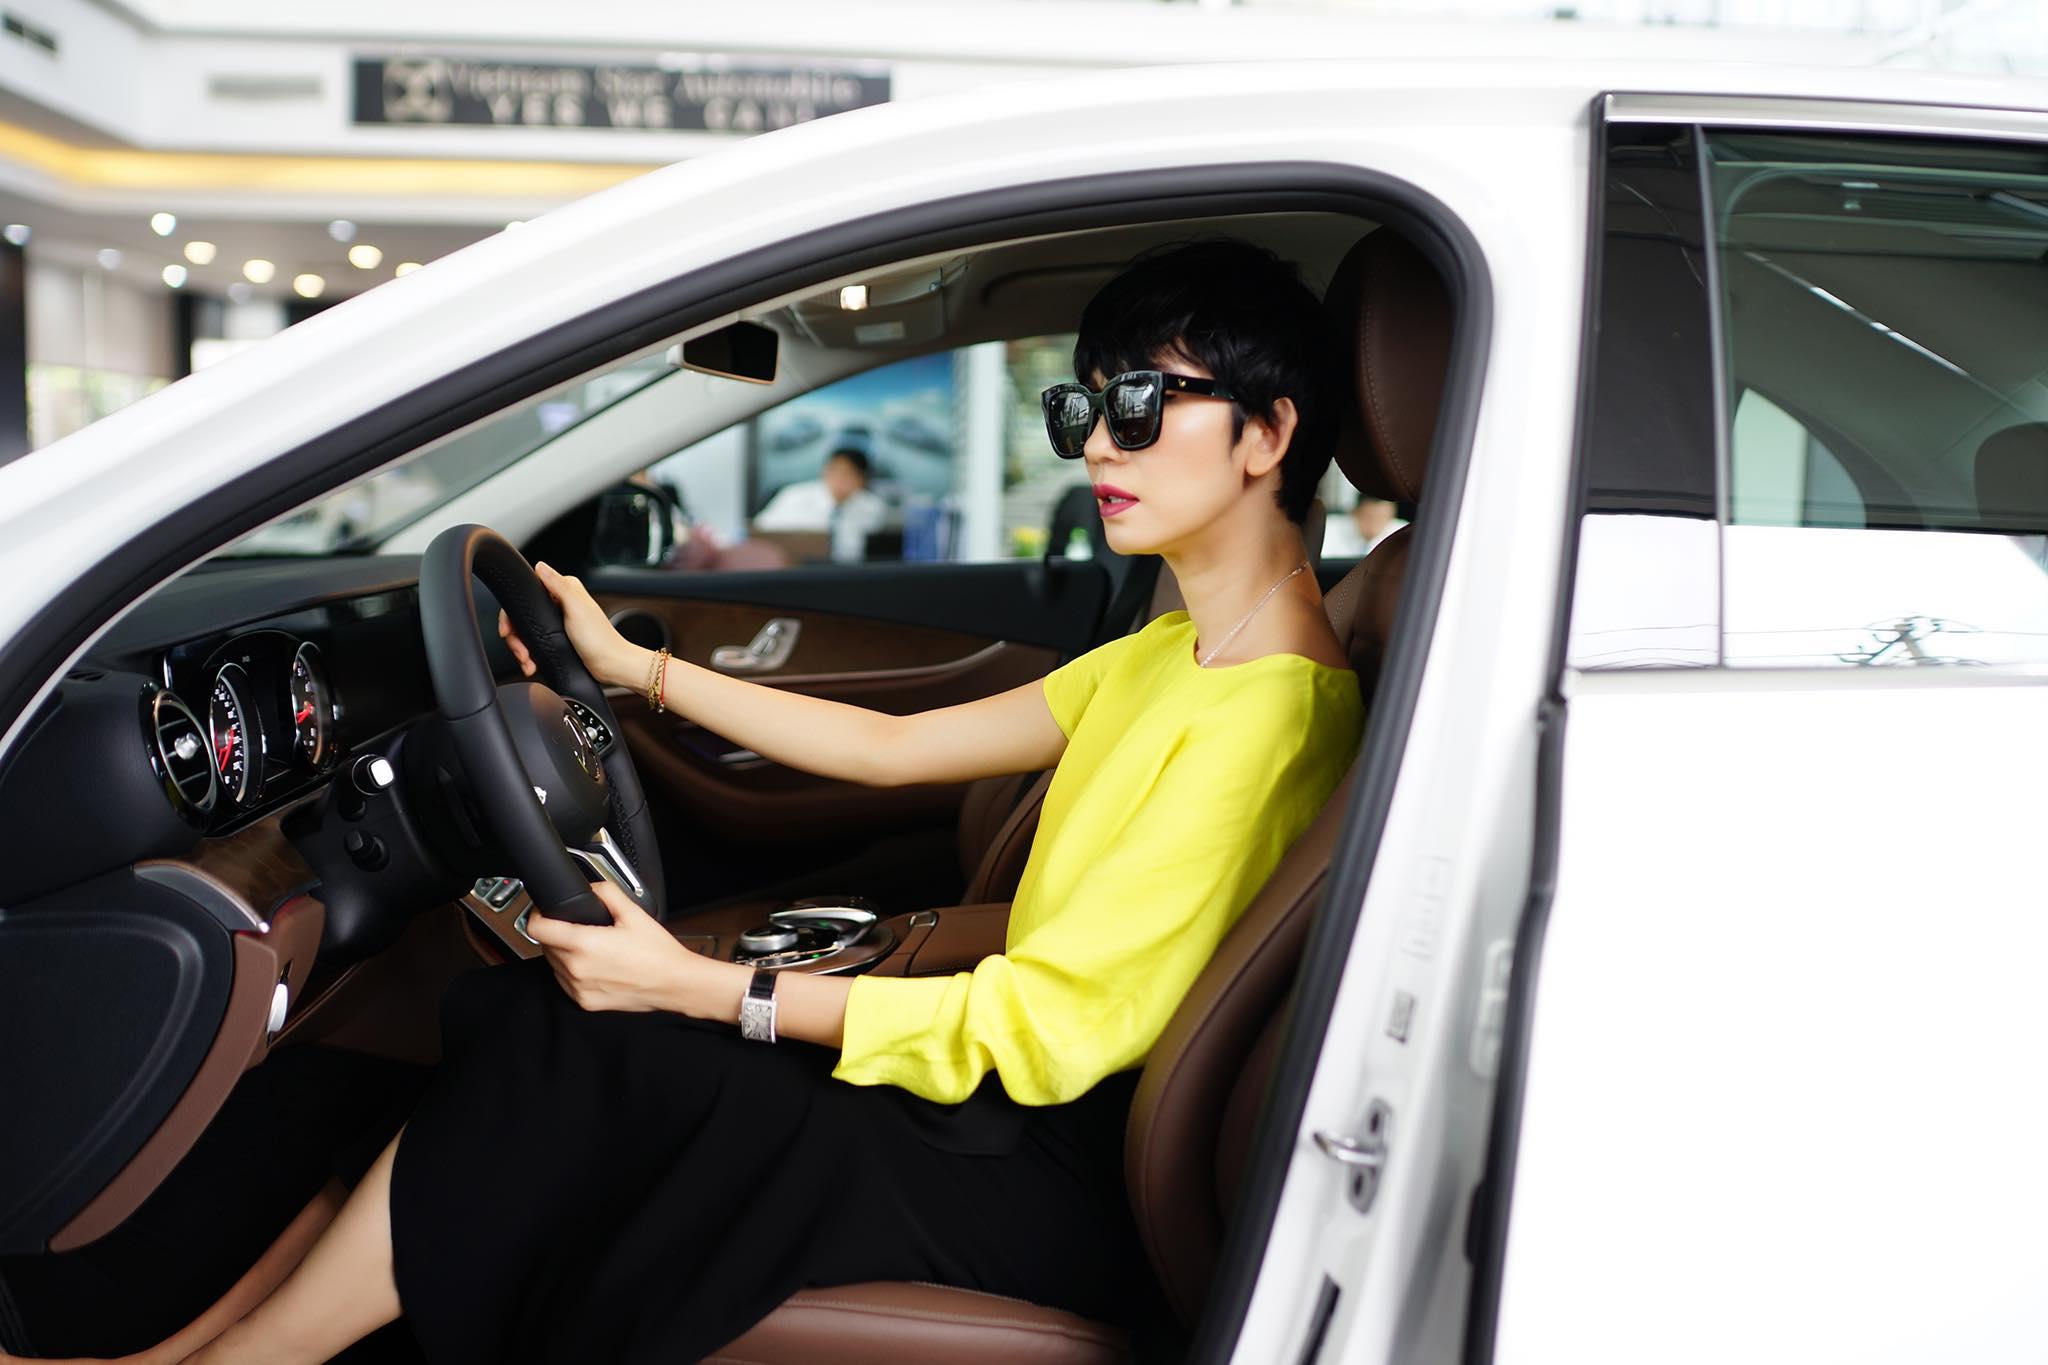 Siêu mẫu Xuân Lan tậu xe Mercedes-Benz E200 hơn 2 tỷ đồng - 11